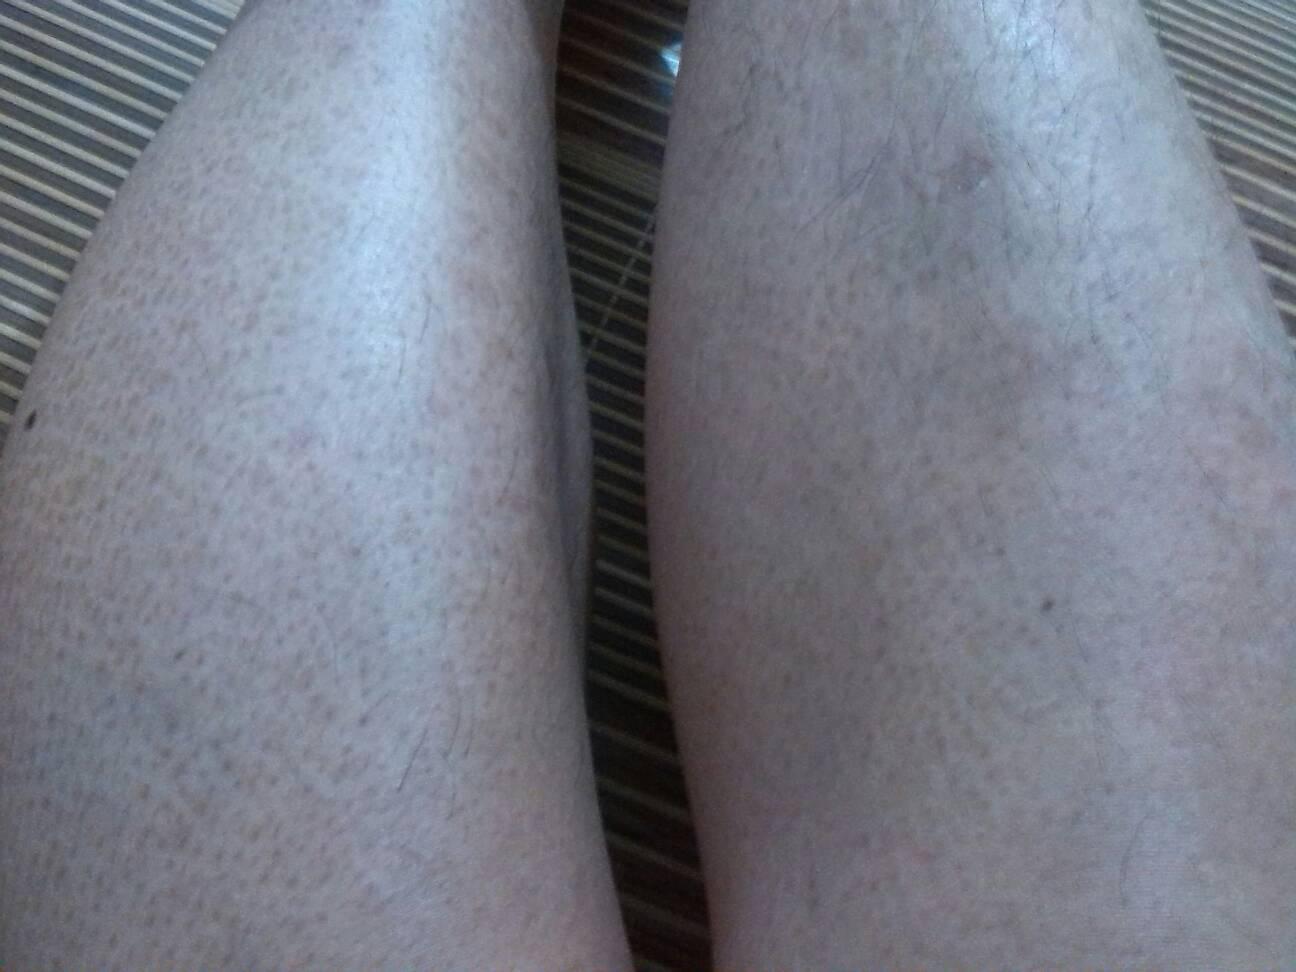 鱼鳞状皮肤_1 2007-12-29 我的皮肤特别干,冬天还会脱皮,是鱼鳞病吗?